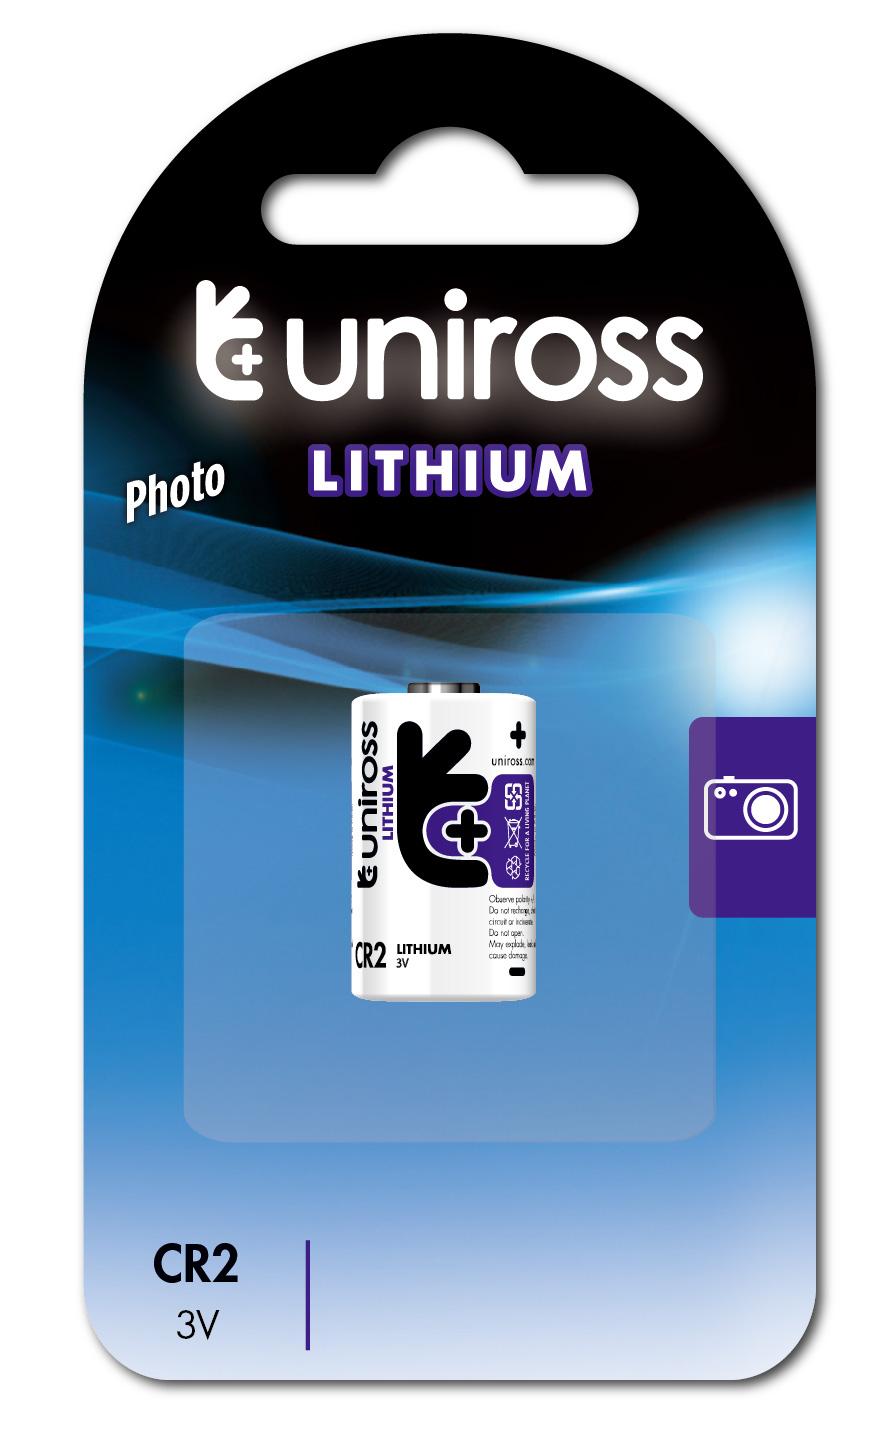 LITHIUM-PHOTO_[U1CR2] UNIROSS BP1 CR2 LITHIUM.jpg